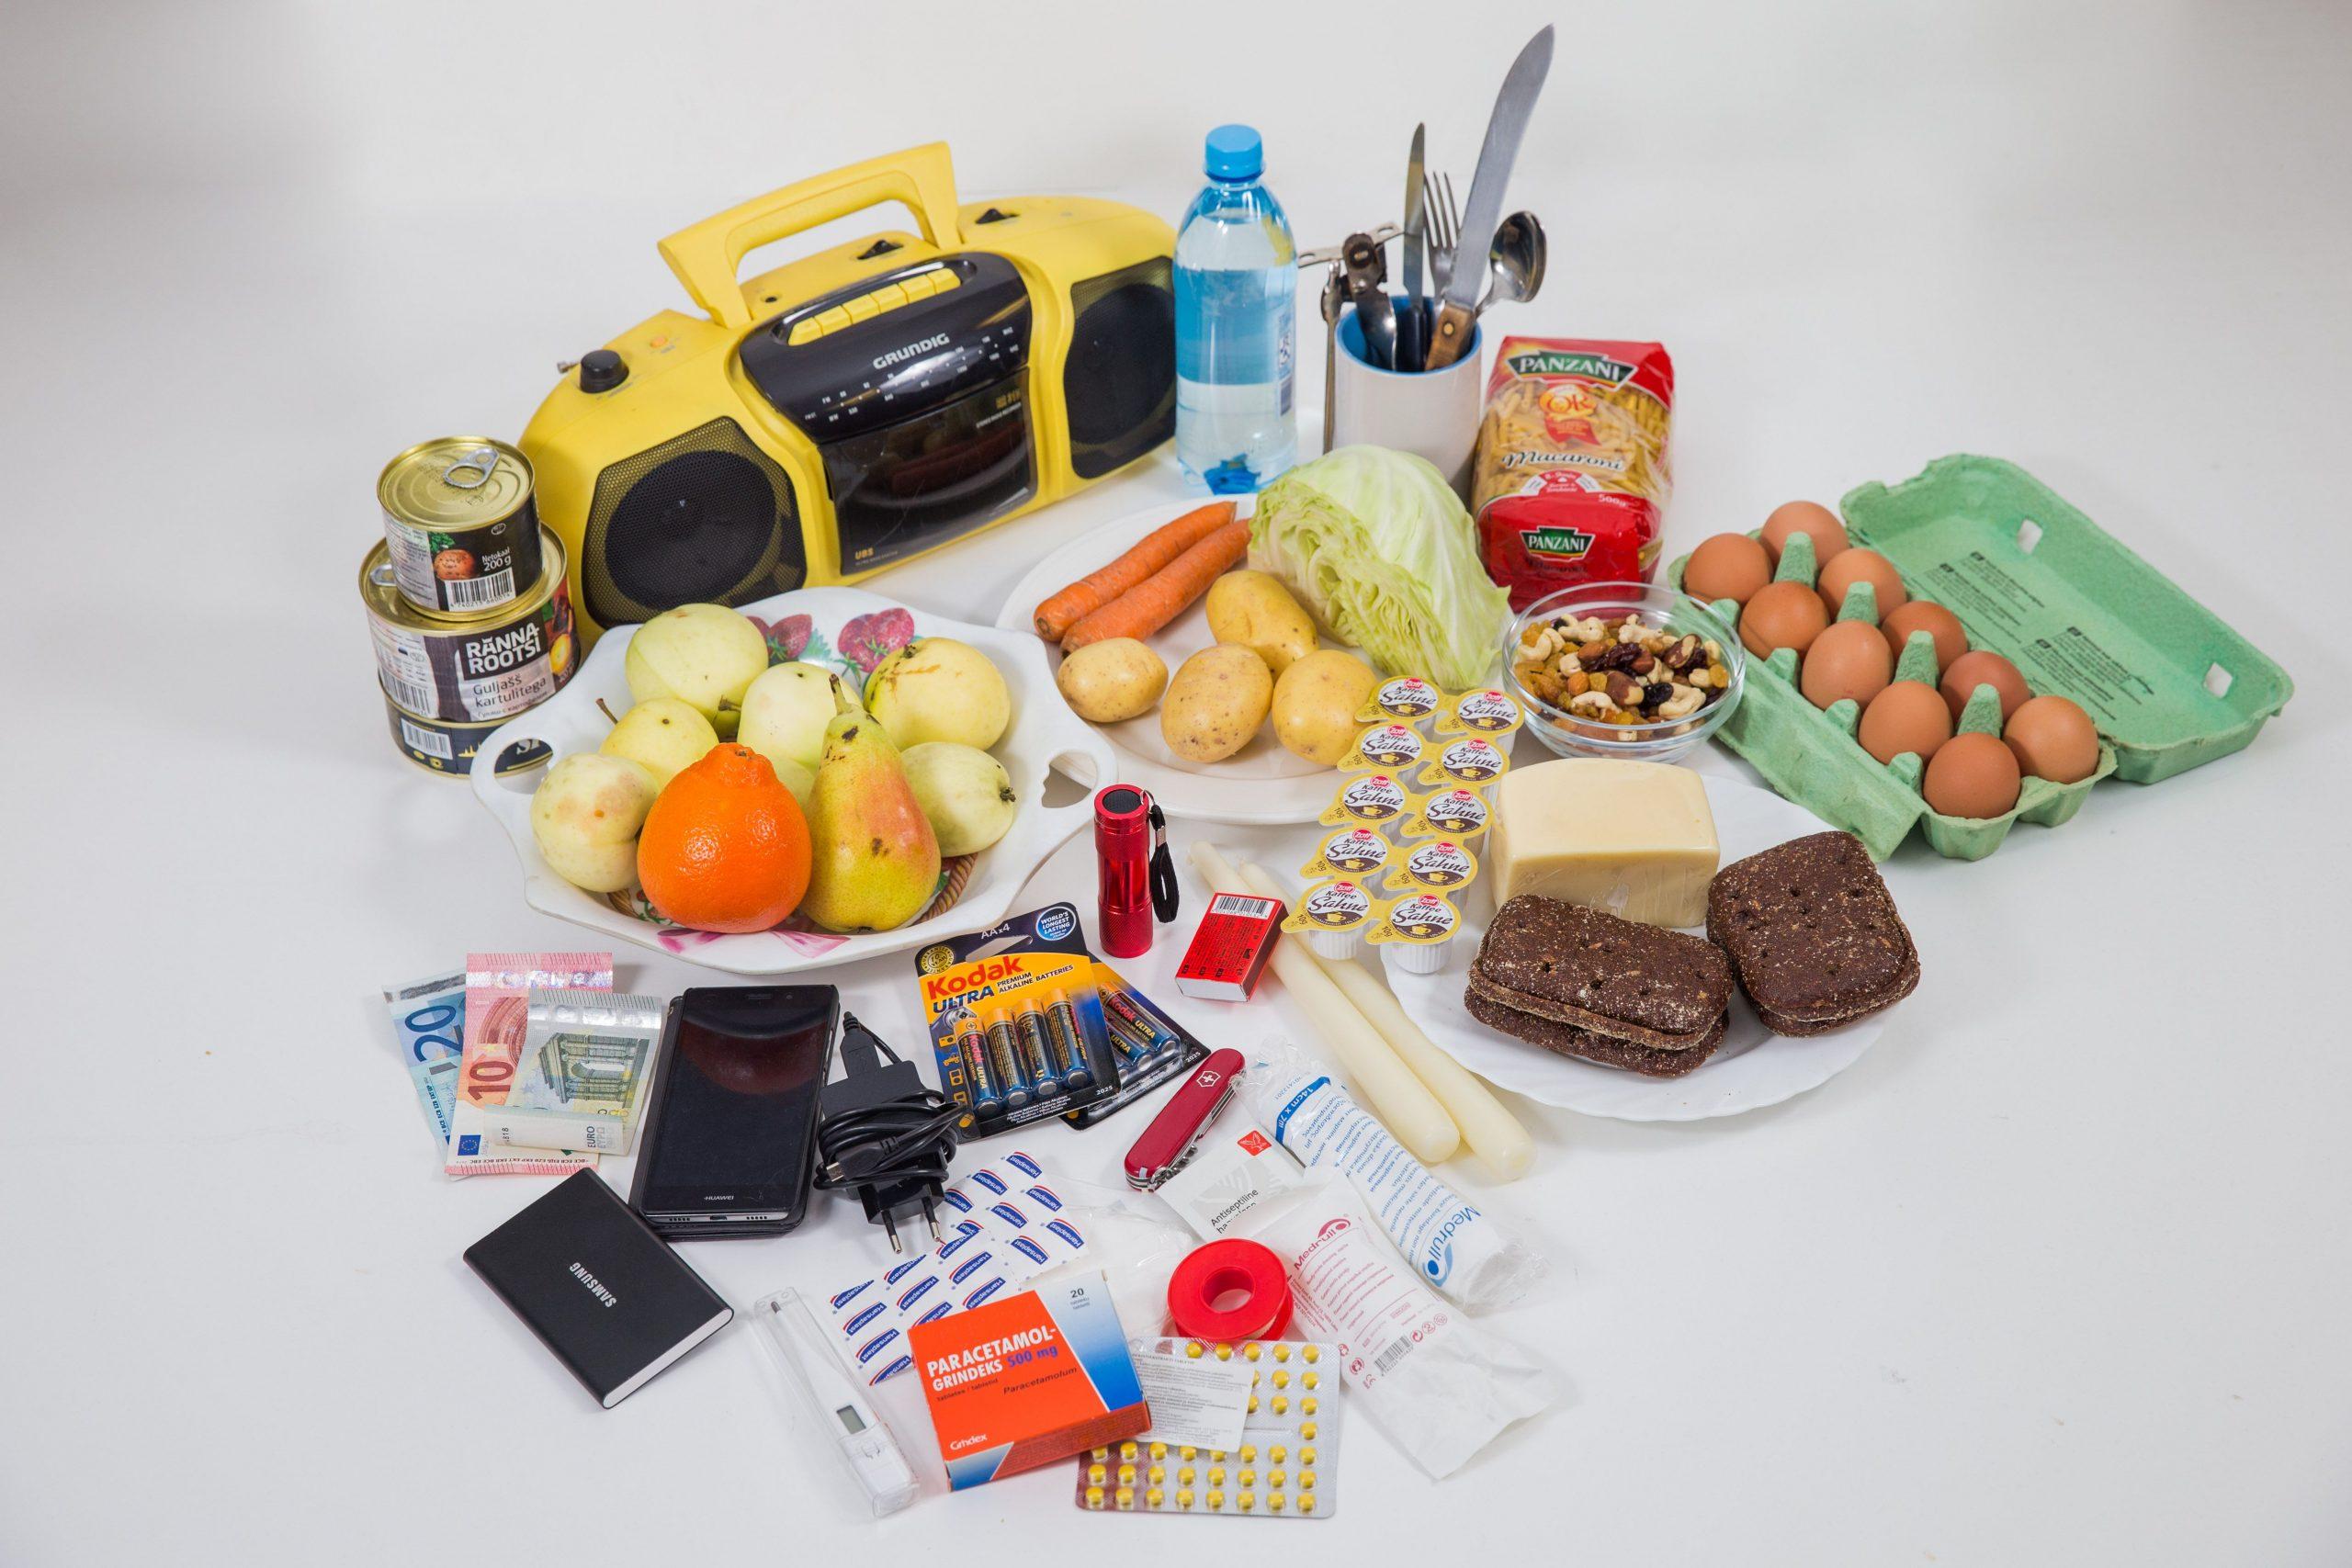 Image for Eesti valmistumine kriisideks: toidu- ja esmatarbekaupade varude soetamine ja jaotamine